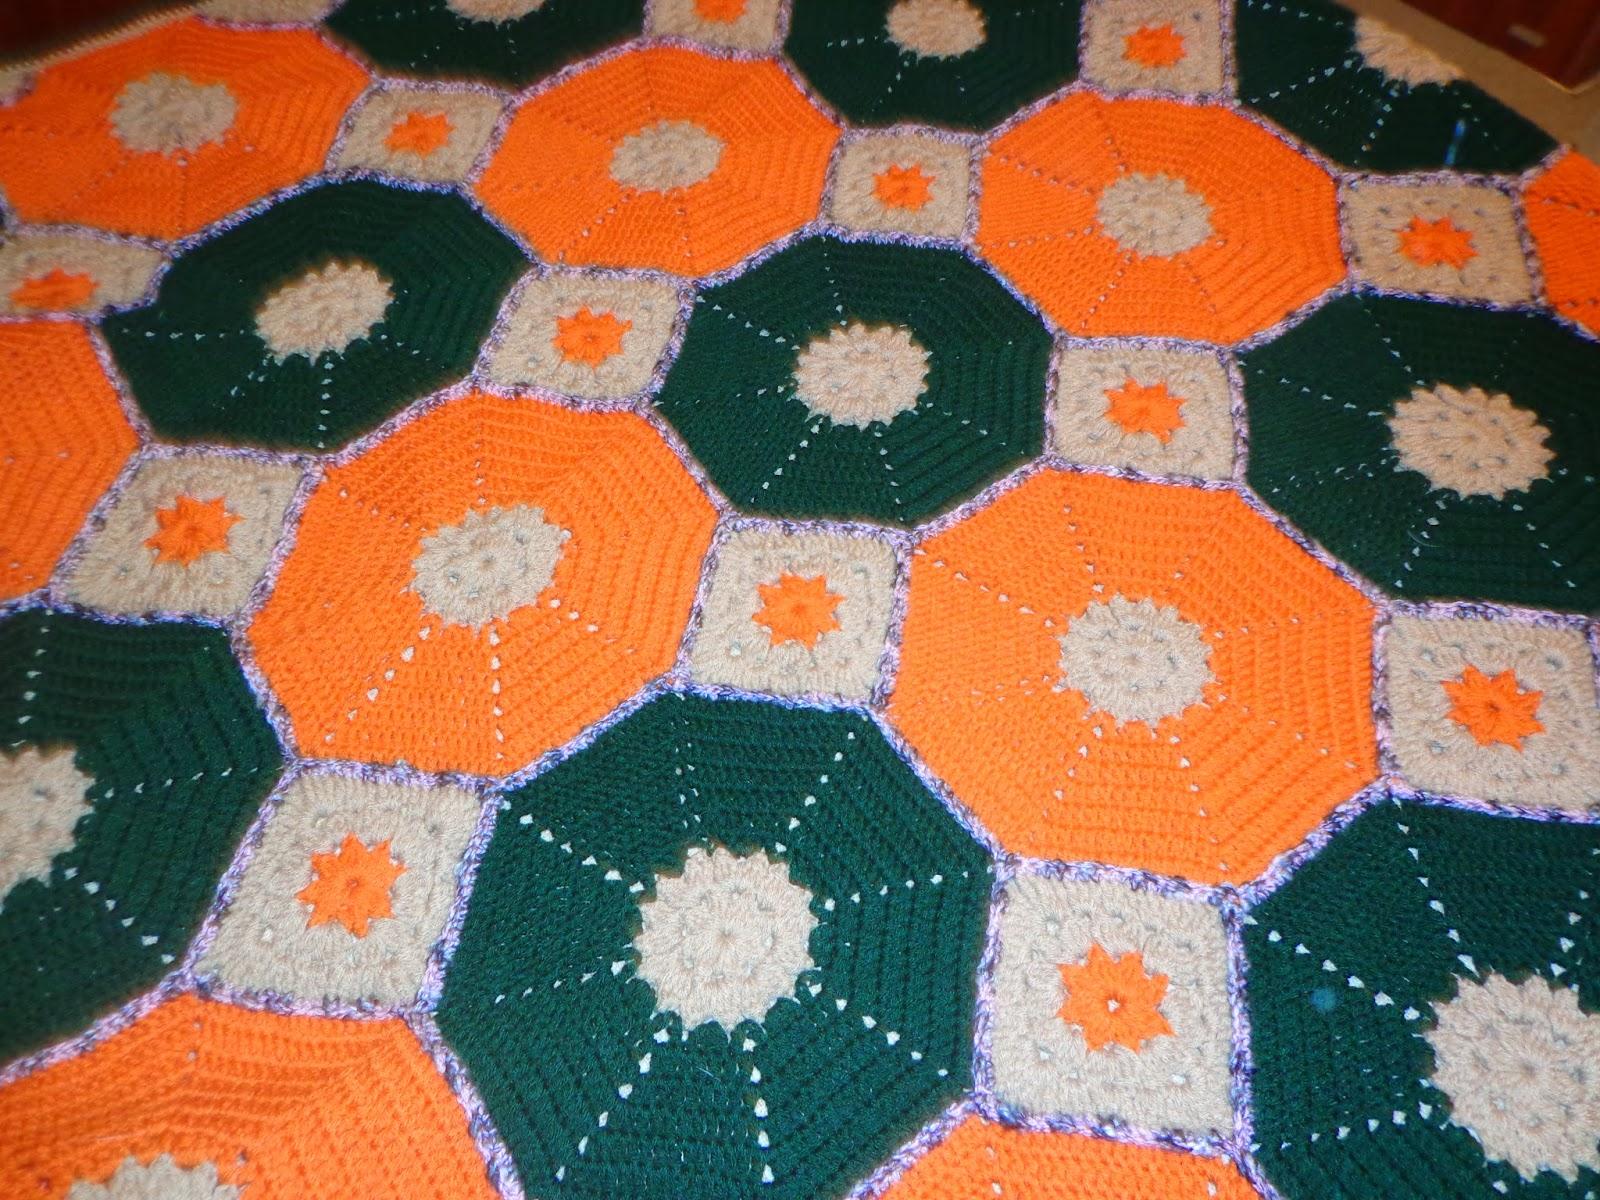 12ad7d3f52 Hola a todos!! por acá otra vez con una nueva manta al crochet con forma  hexagonal y cuadrados